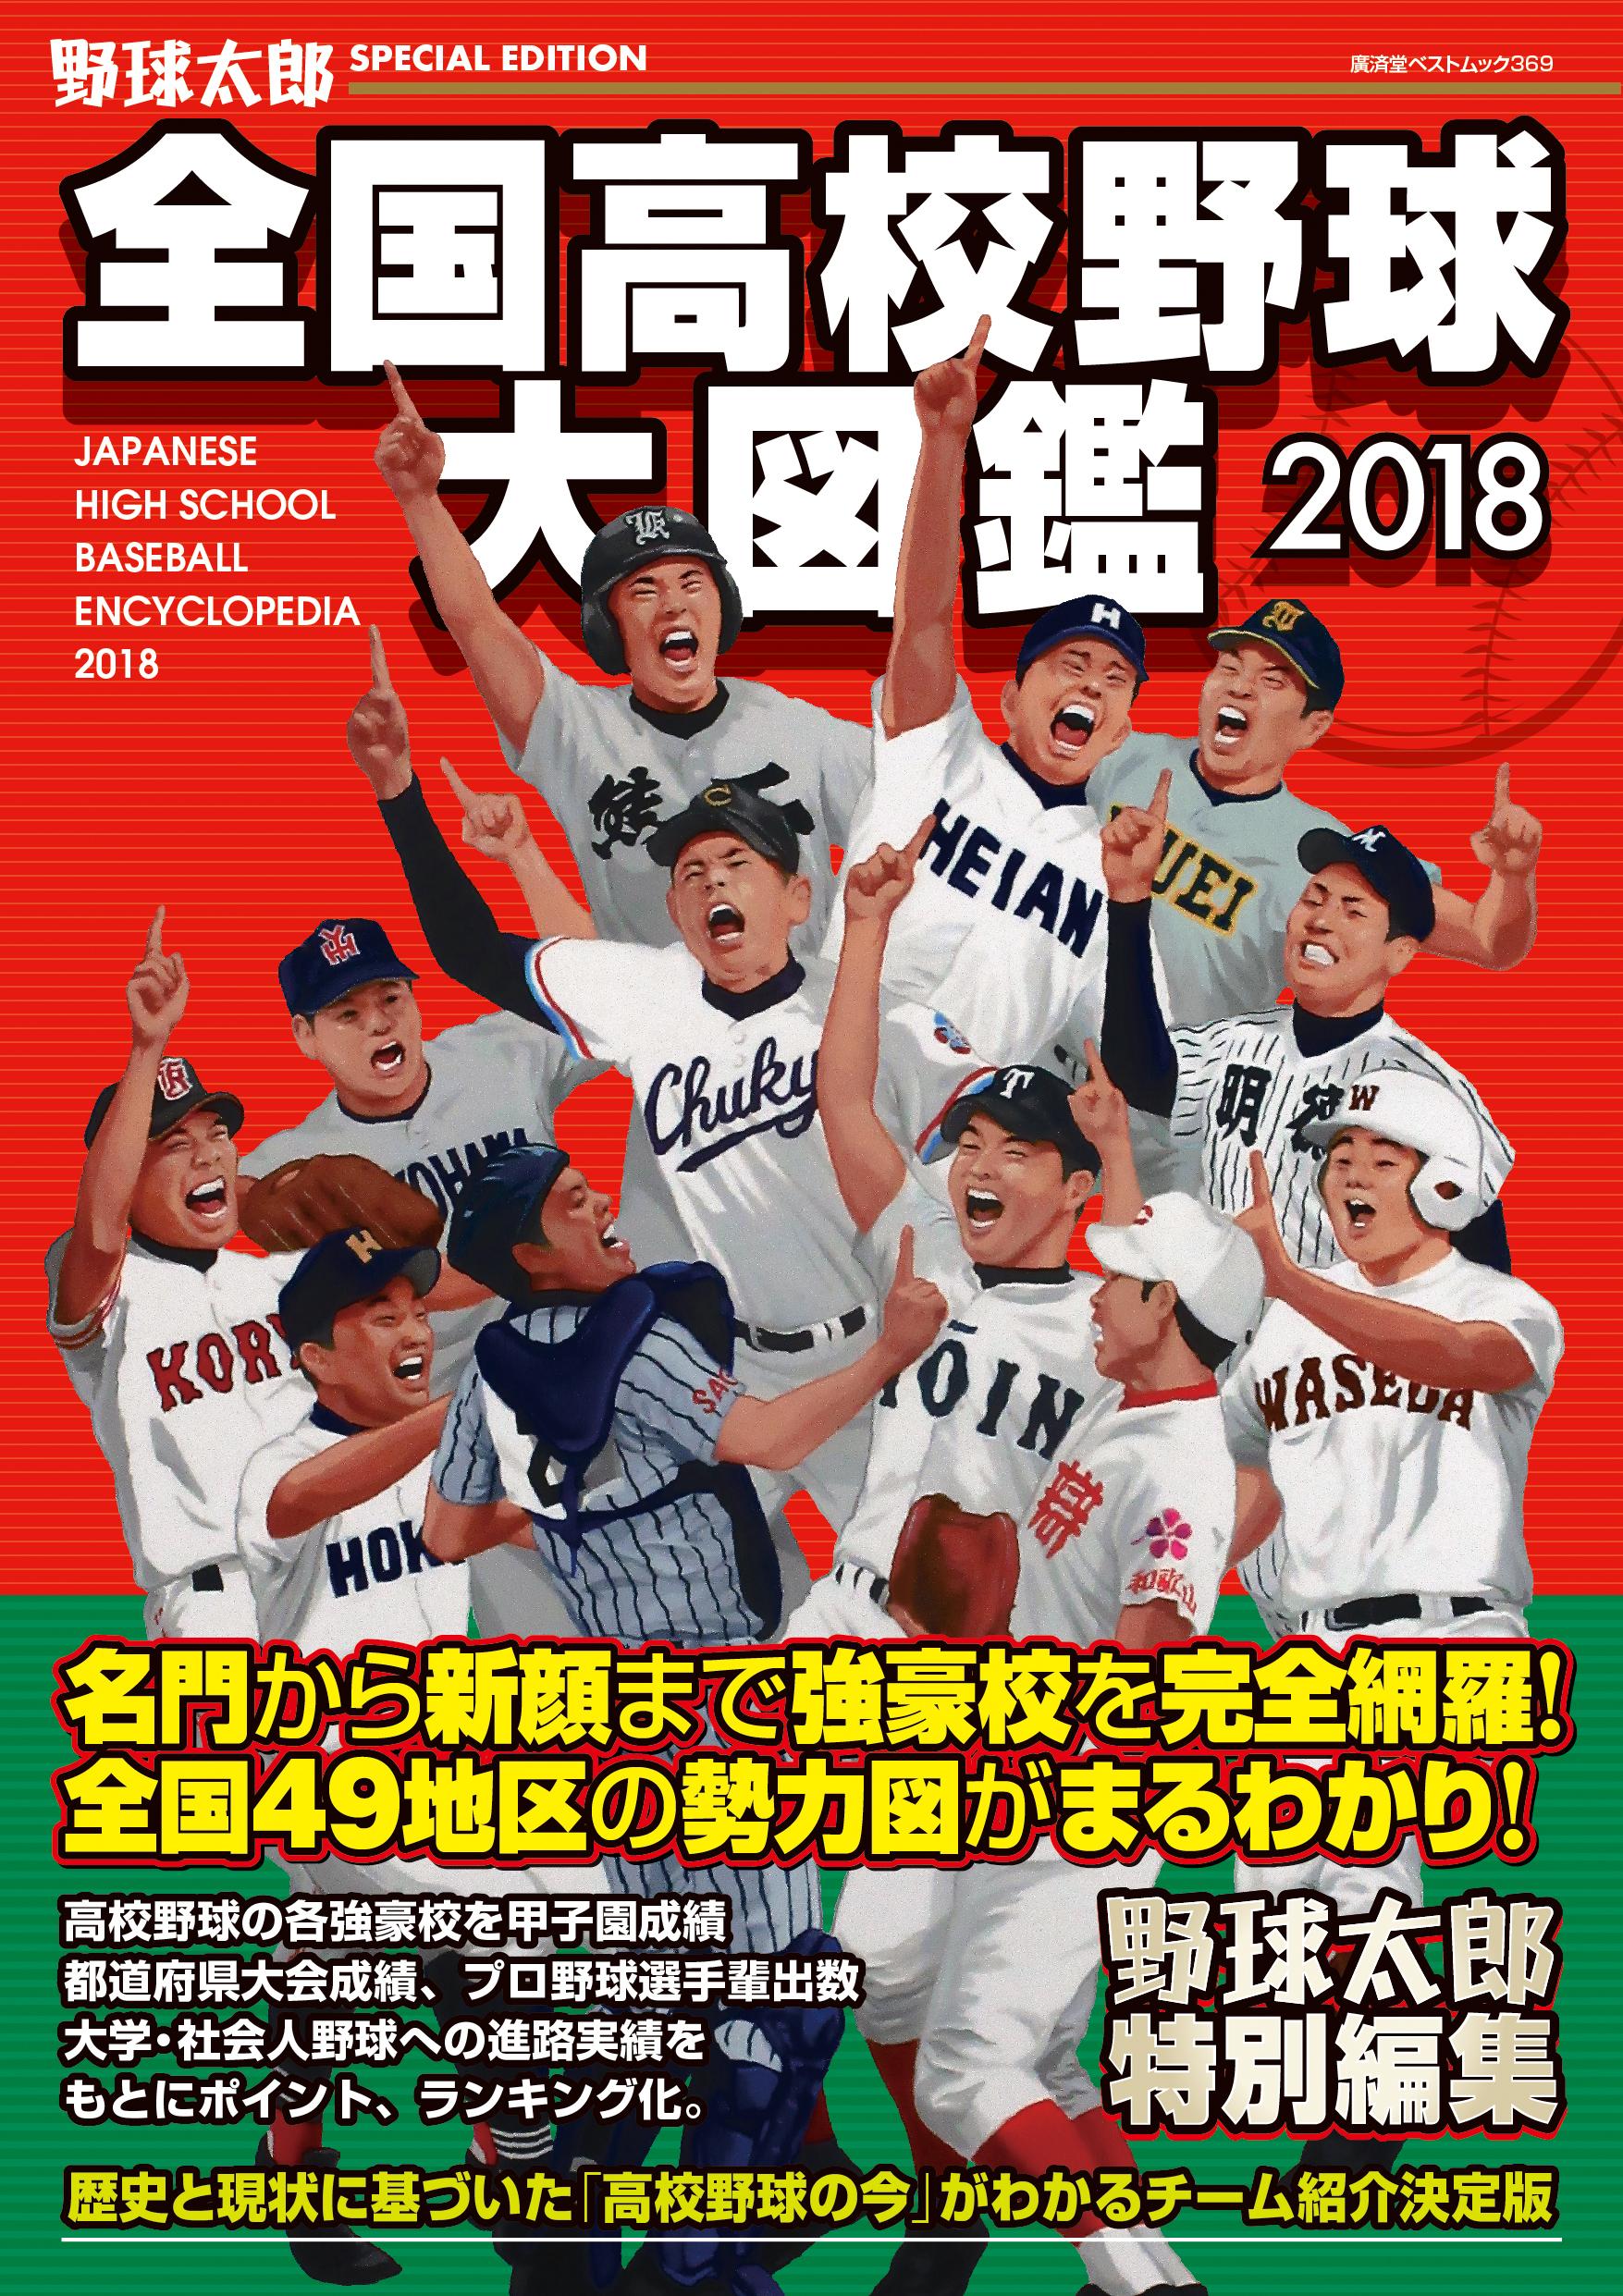 真の高校野球No.1強豪校はどこだ!?『野球太郎SPECIAL EDITION 全国高校野球大図鑑2018』は10月16日発売!